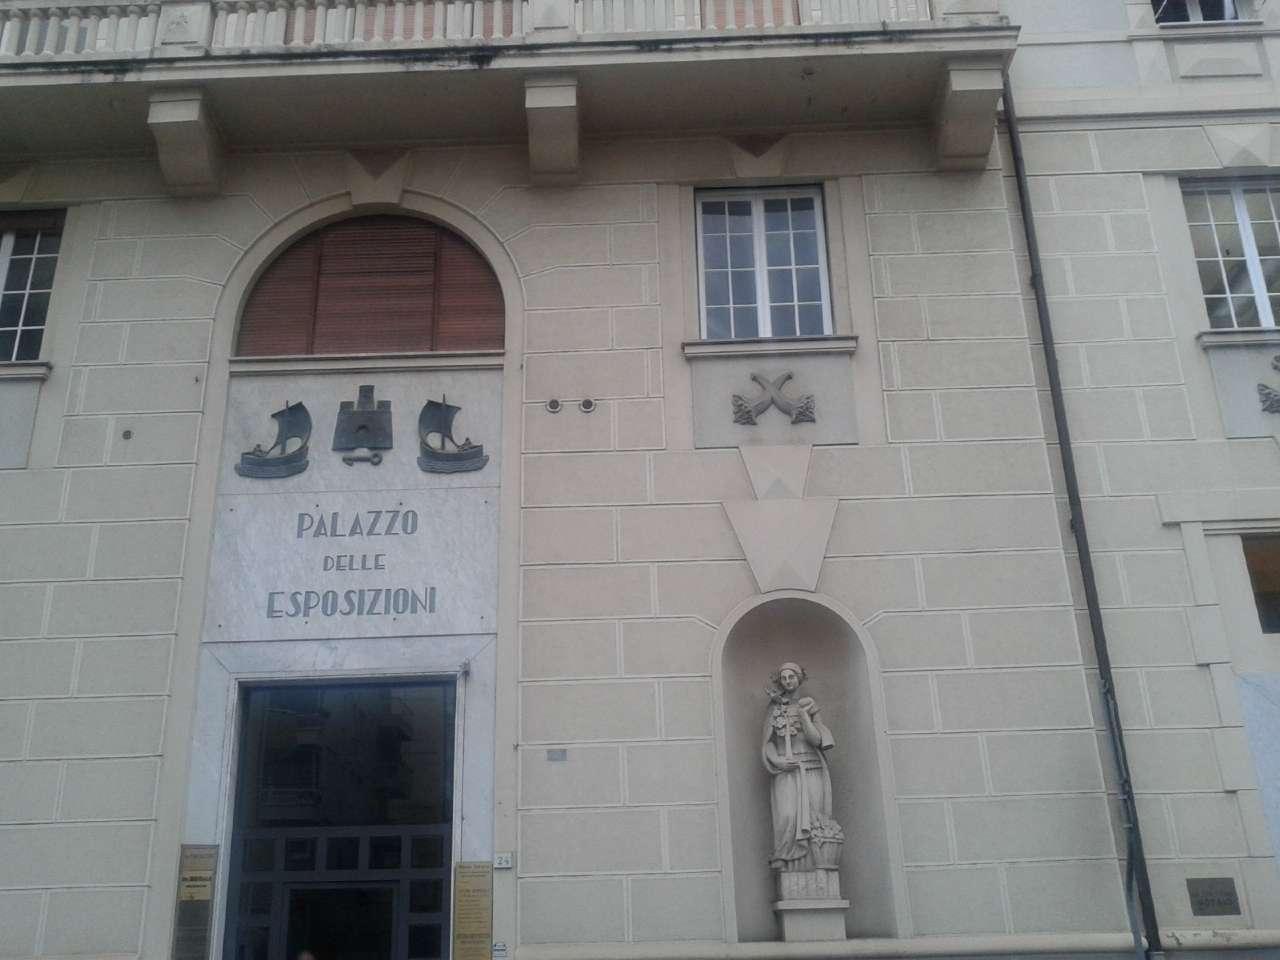 Ufficio / Studio in vendita a Chiavari, 2 locali, prezzo € 195.000 | CambioCasa.it